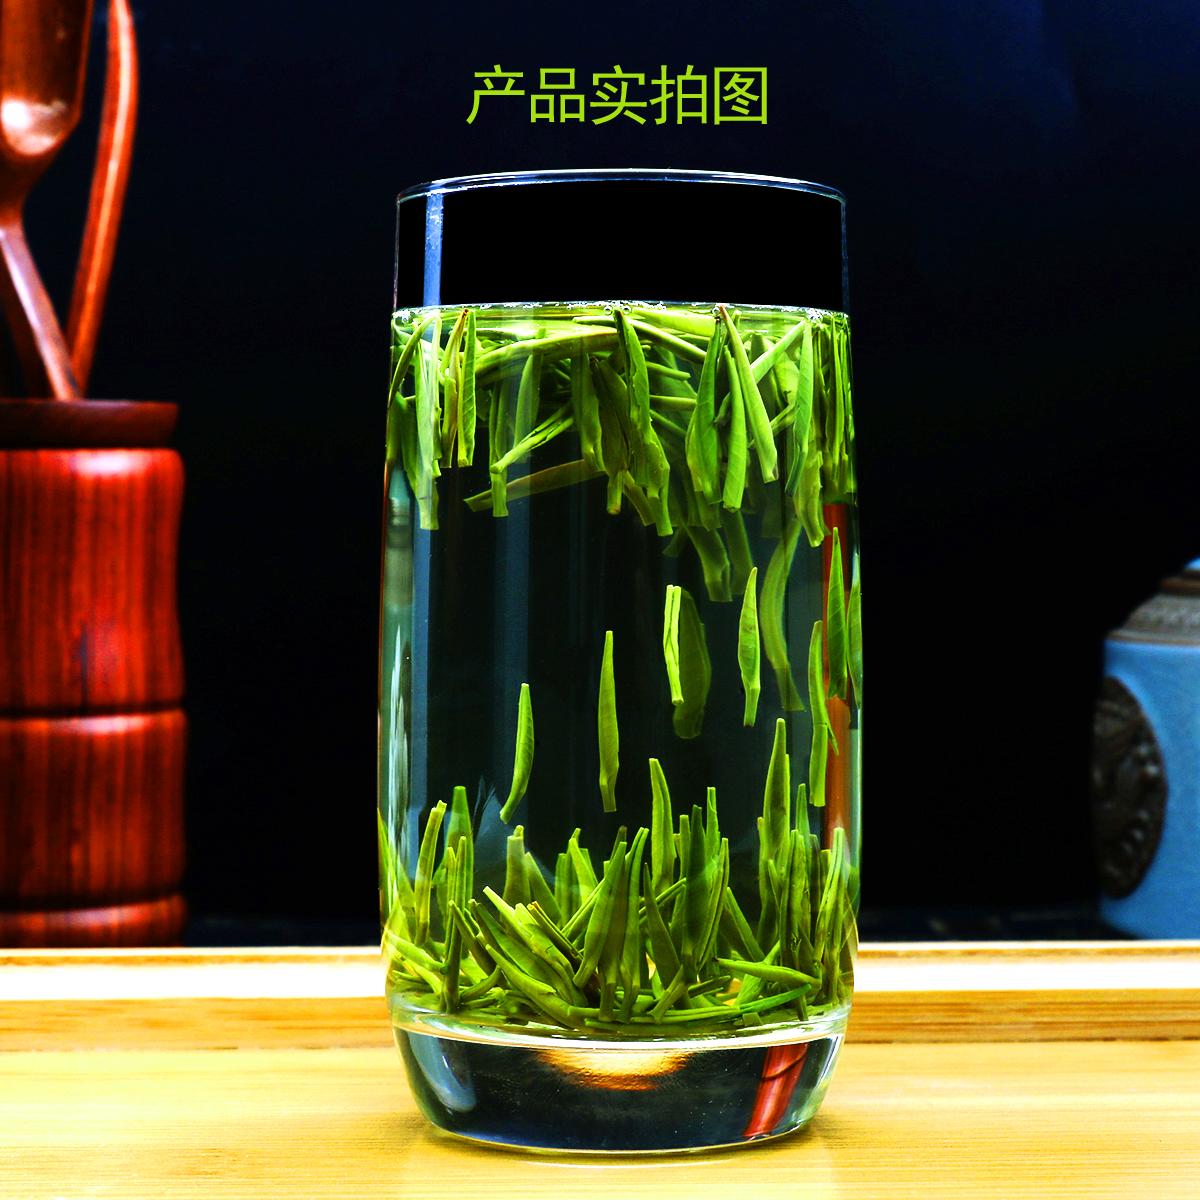 年新茶明前茶叶贵州高山绿茶湄潭翠芽独芽雀舌清香手工贵州针 2020